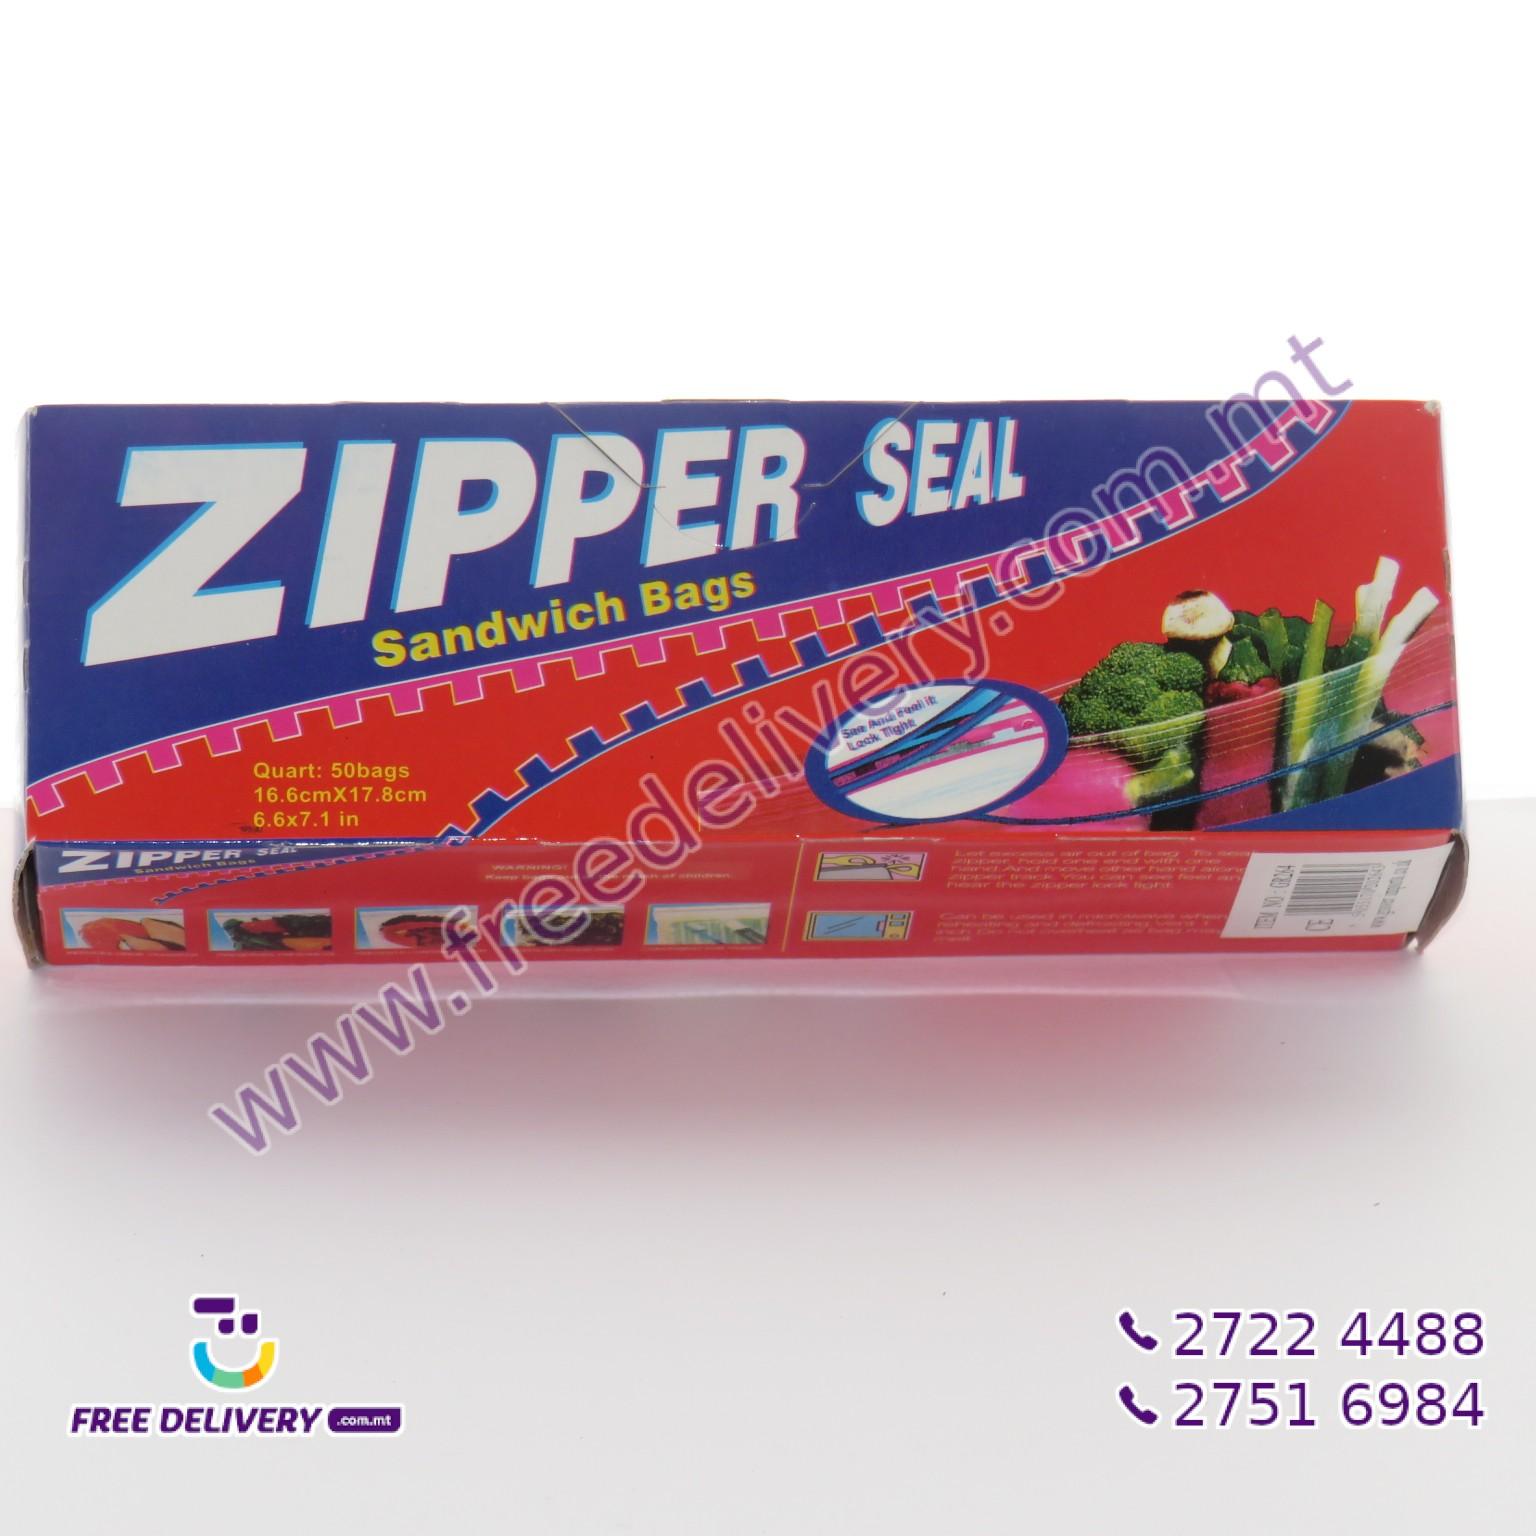 50 ZIPPER SEAL SANDWICH BAGS 16.6 X 17.8CM – MISC202643